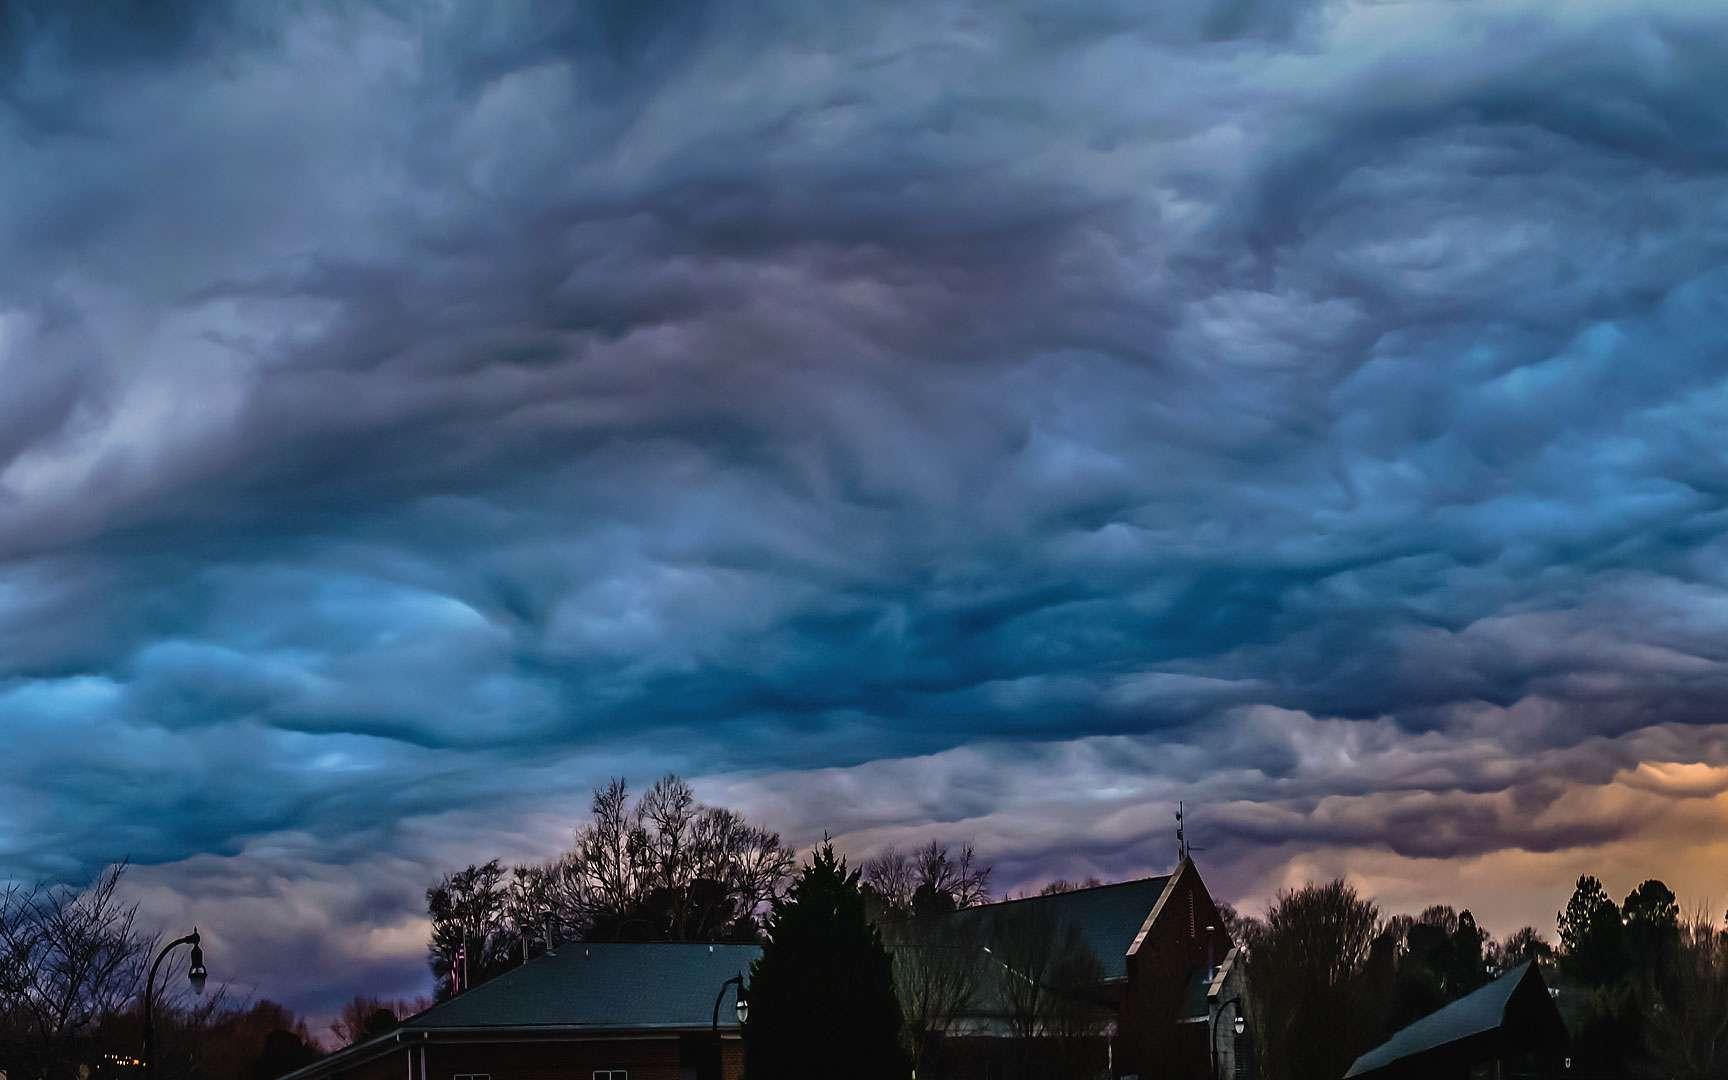 D'étranges altocumulus. Tous les nuages ne sont pas si simples à identifier. Celui photographié ici est particulièrement impressionnant. Il s'agit probablement d'un altocumulus castellanus undulatus opacus ; certains l'assimilent à une nouvelle forme de nuage proposée en 2009 à l'Atlas international des nuages : l'asperatus. Lieu : Géorgie, États-Unis. © Bradley Huchteman, Flickr, CC by-nc-nd 2.0